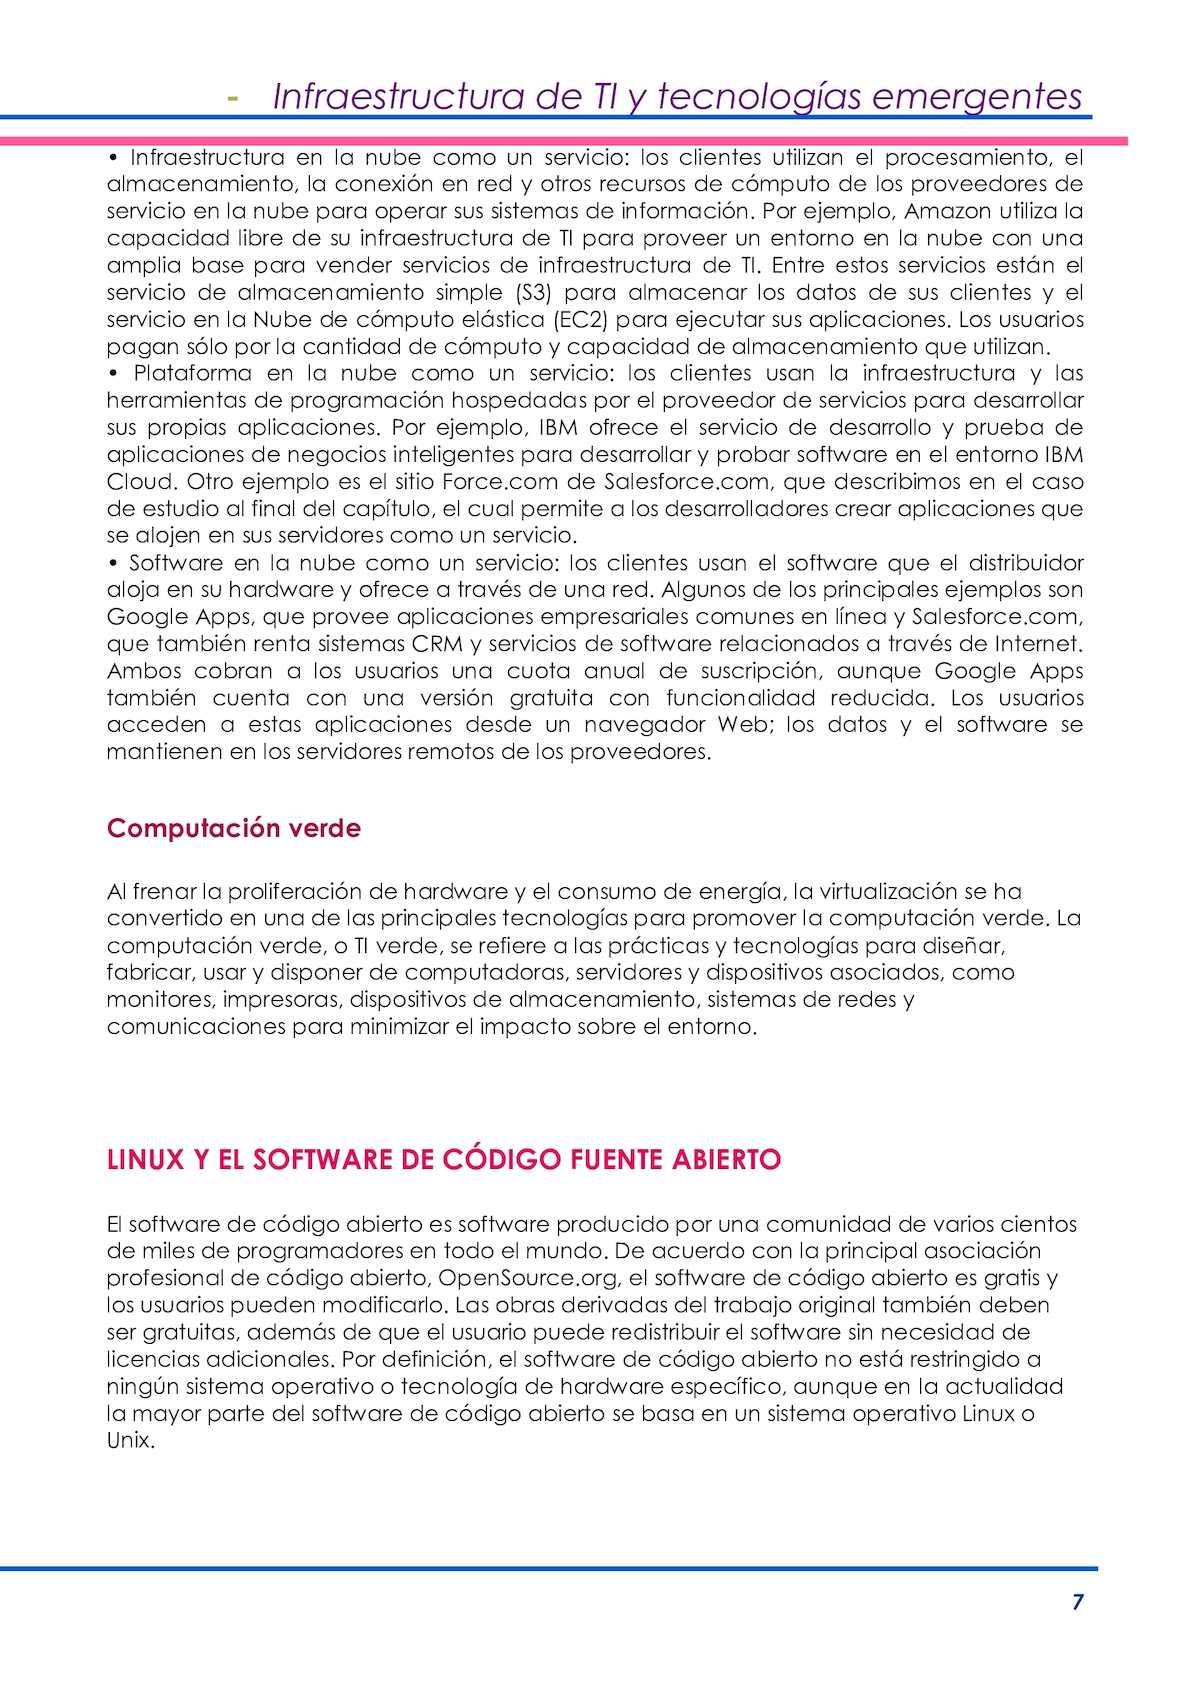 codigo abierto essay The apple lisa was a personal computer designed at apple ordenador de apple, volverá en 2018 gratis y en código abierto - soynadie press agency.